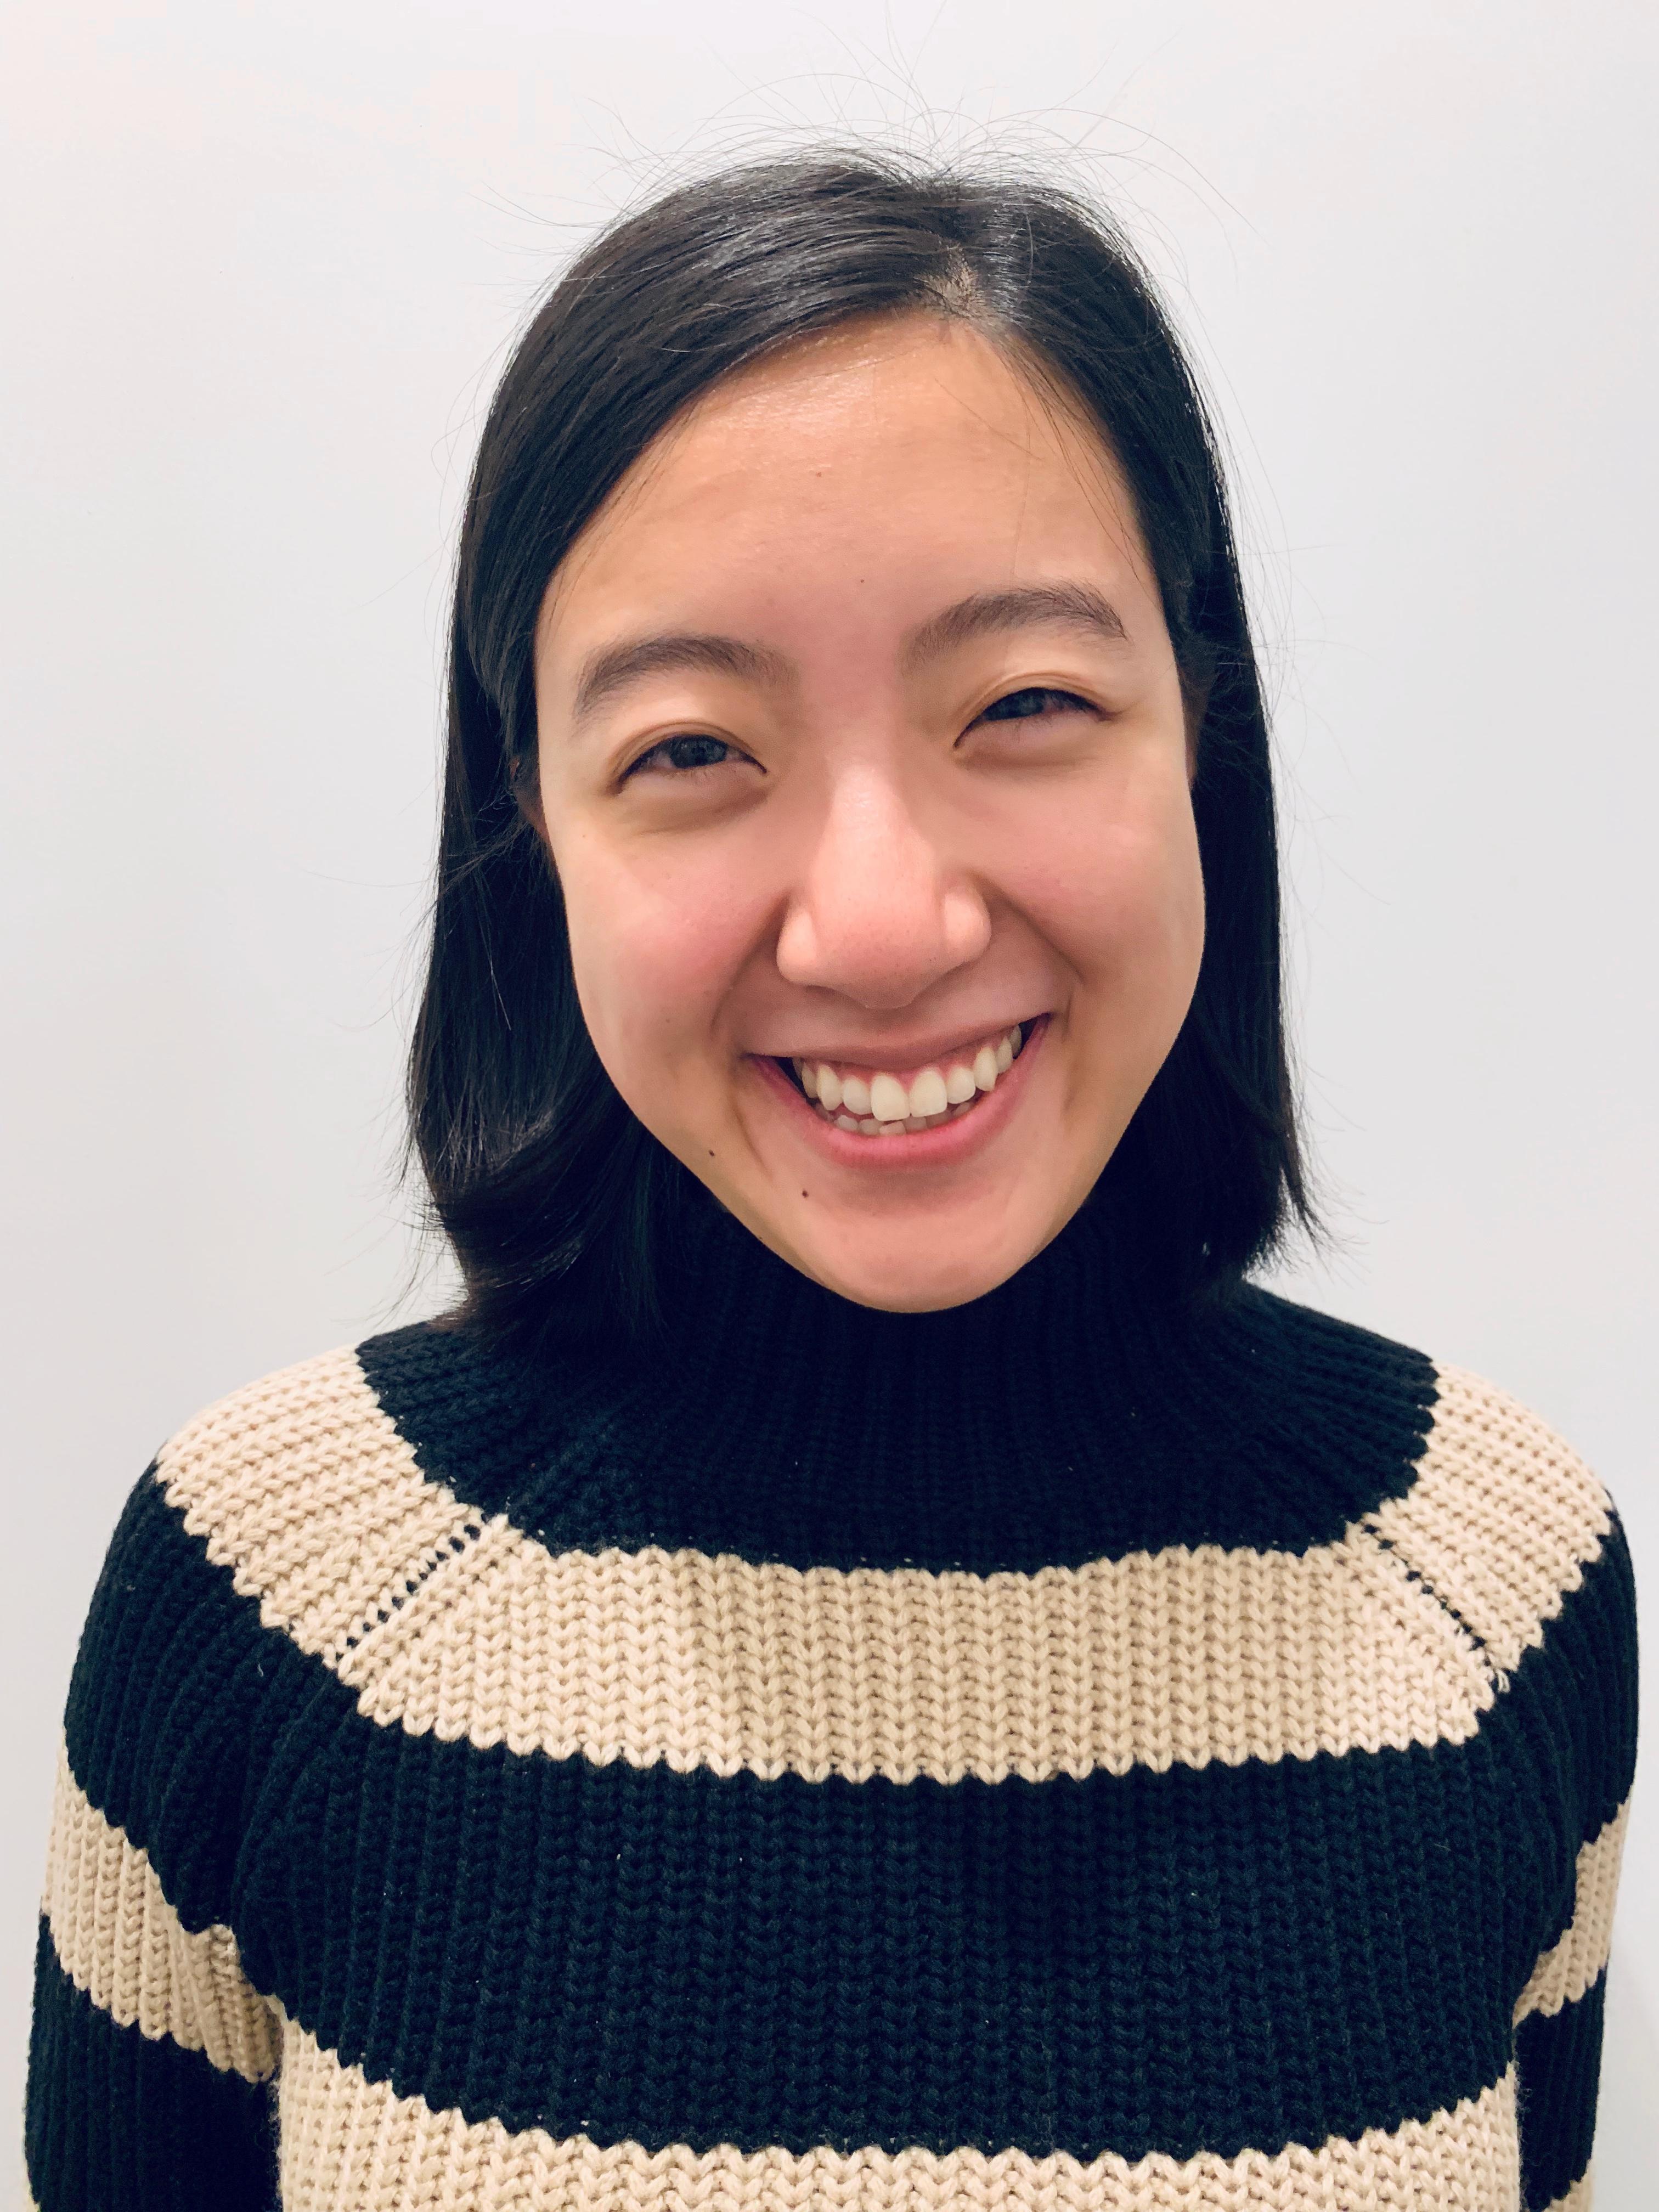 Cherie Hu